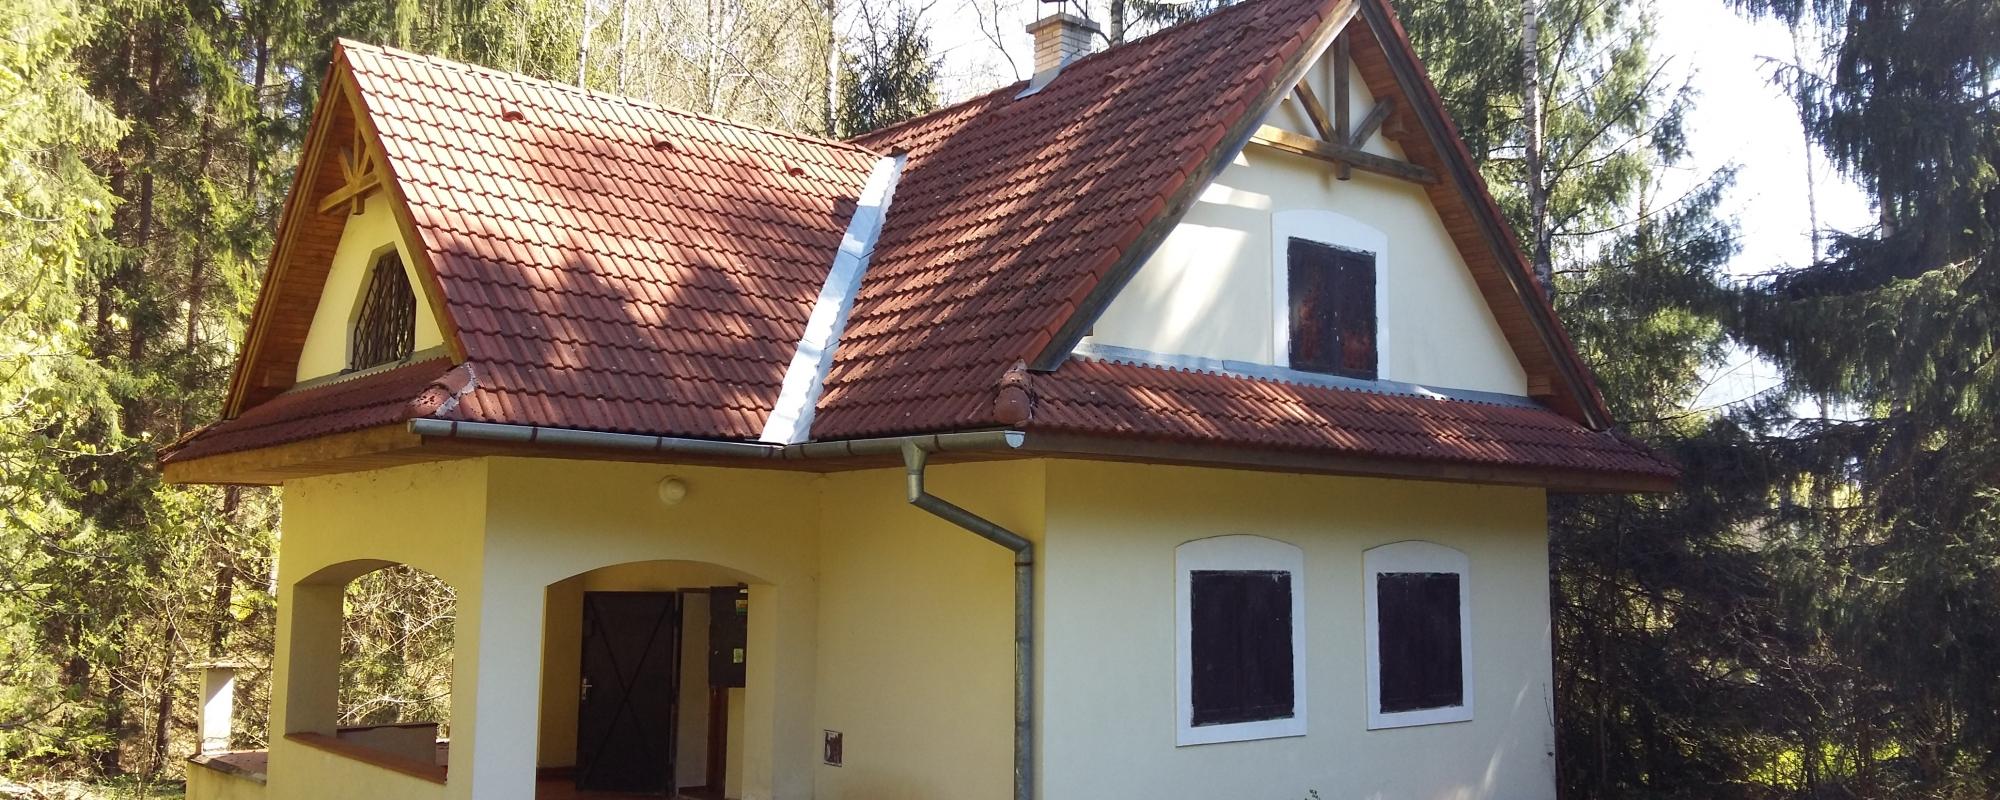 Rekreačná chata v krásnom prostredí, Ružomberok – Nižné Matejkovo